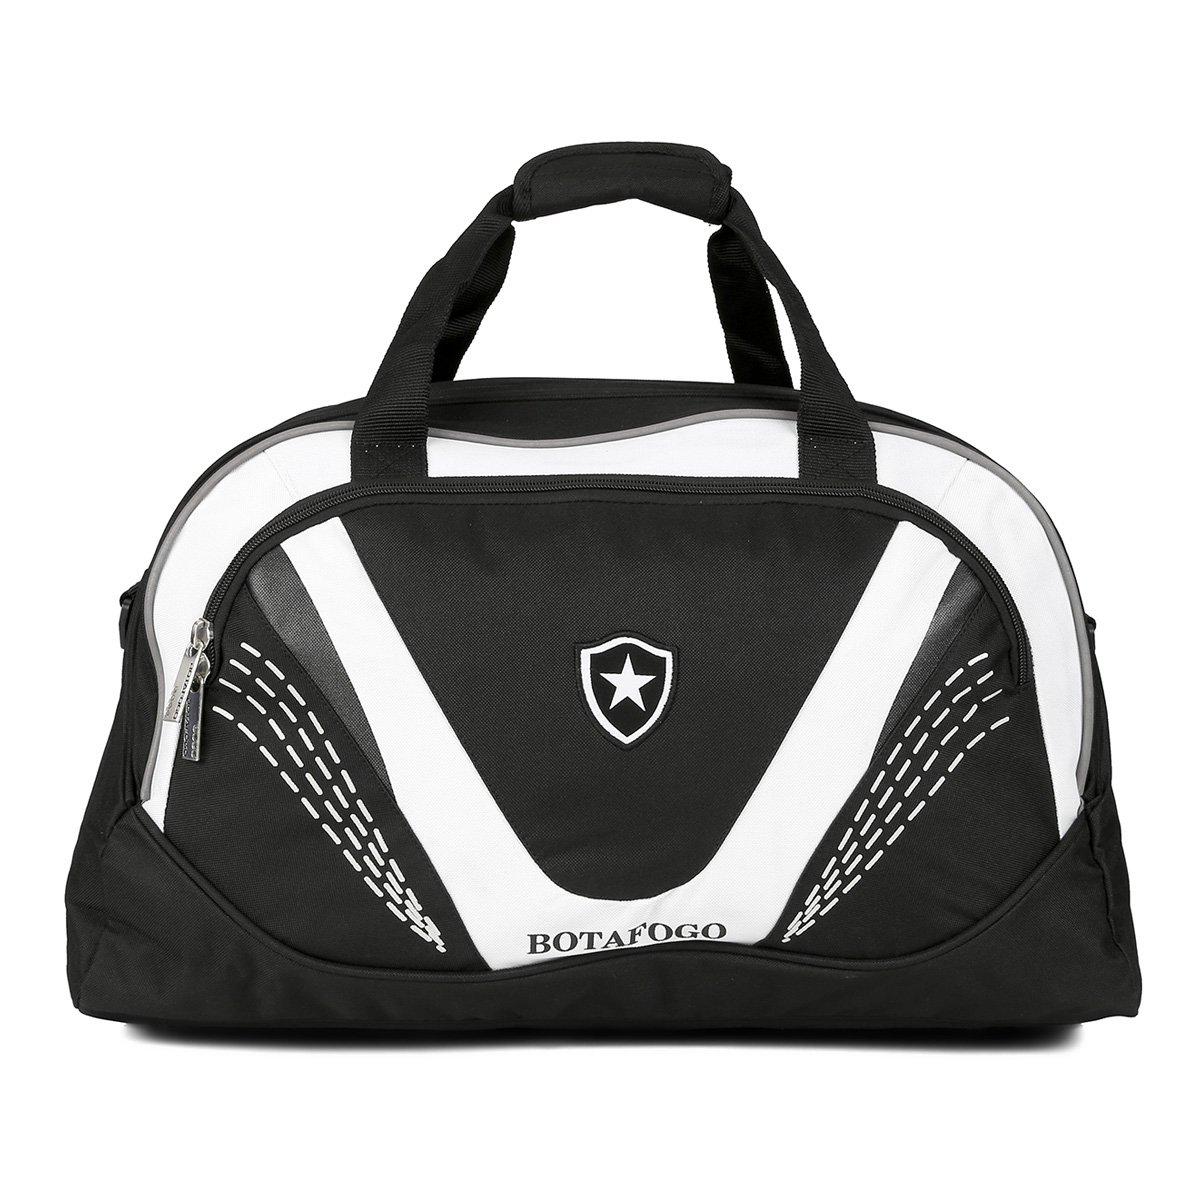 Bolsa Botafogo Viagem Simbolo - Compre Agora  21667af64d9